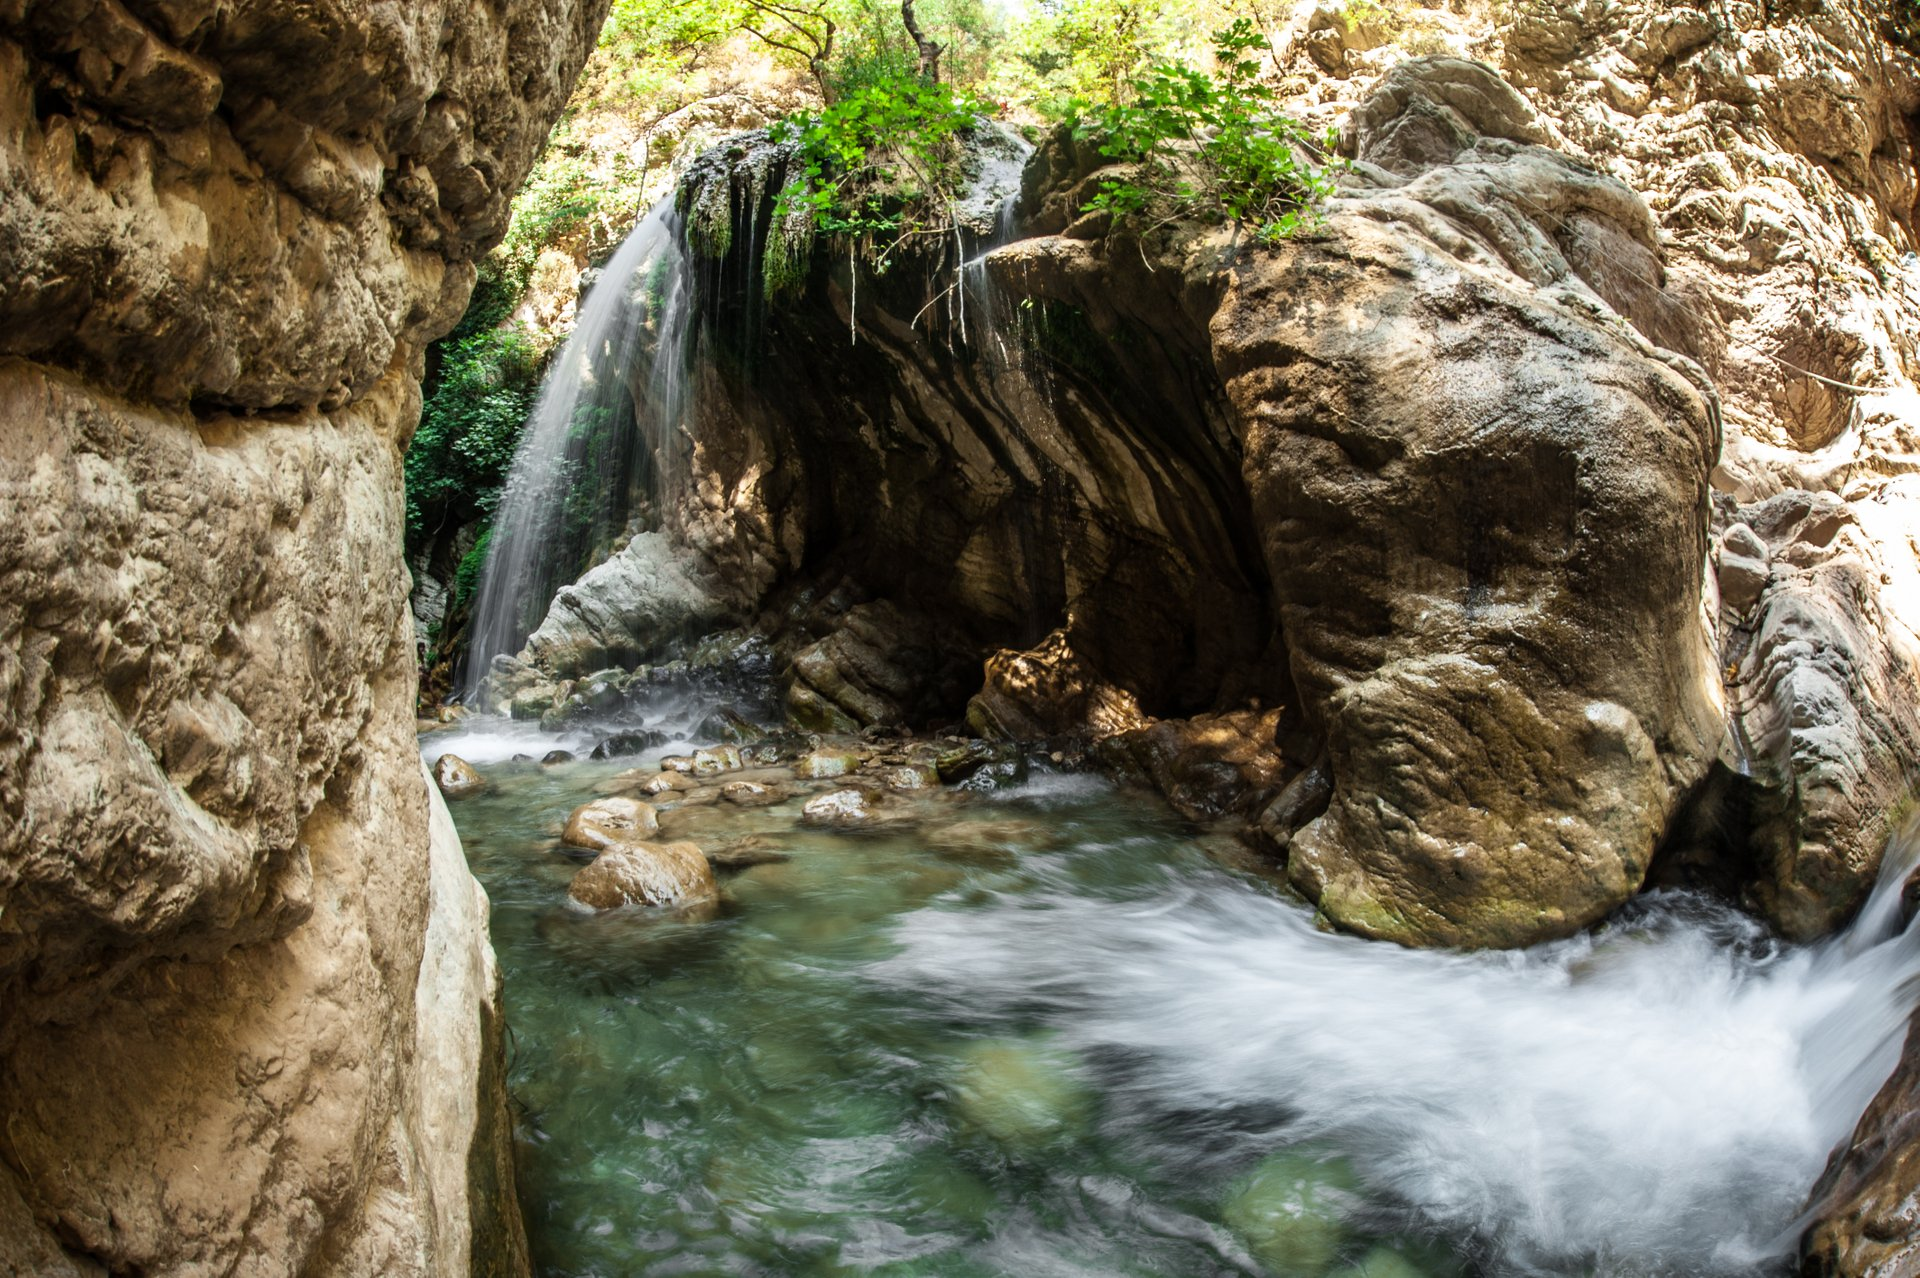 Neda River Hiking in Greece - Best Season 2020